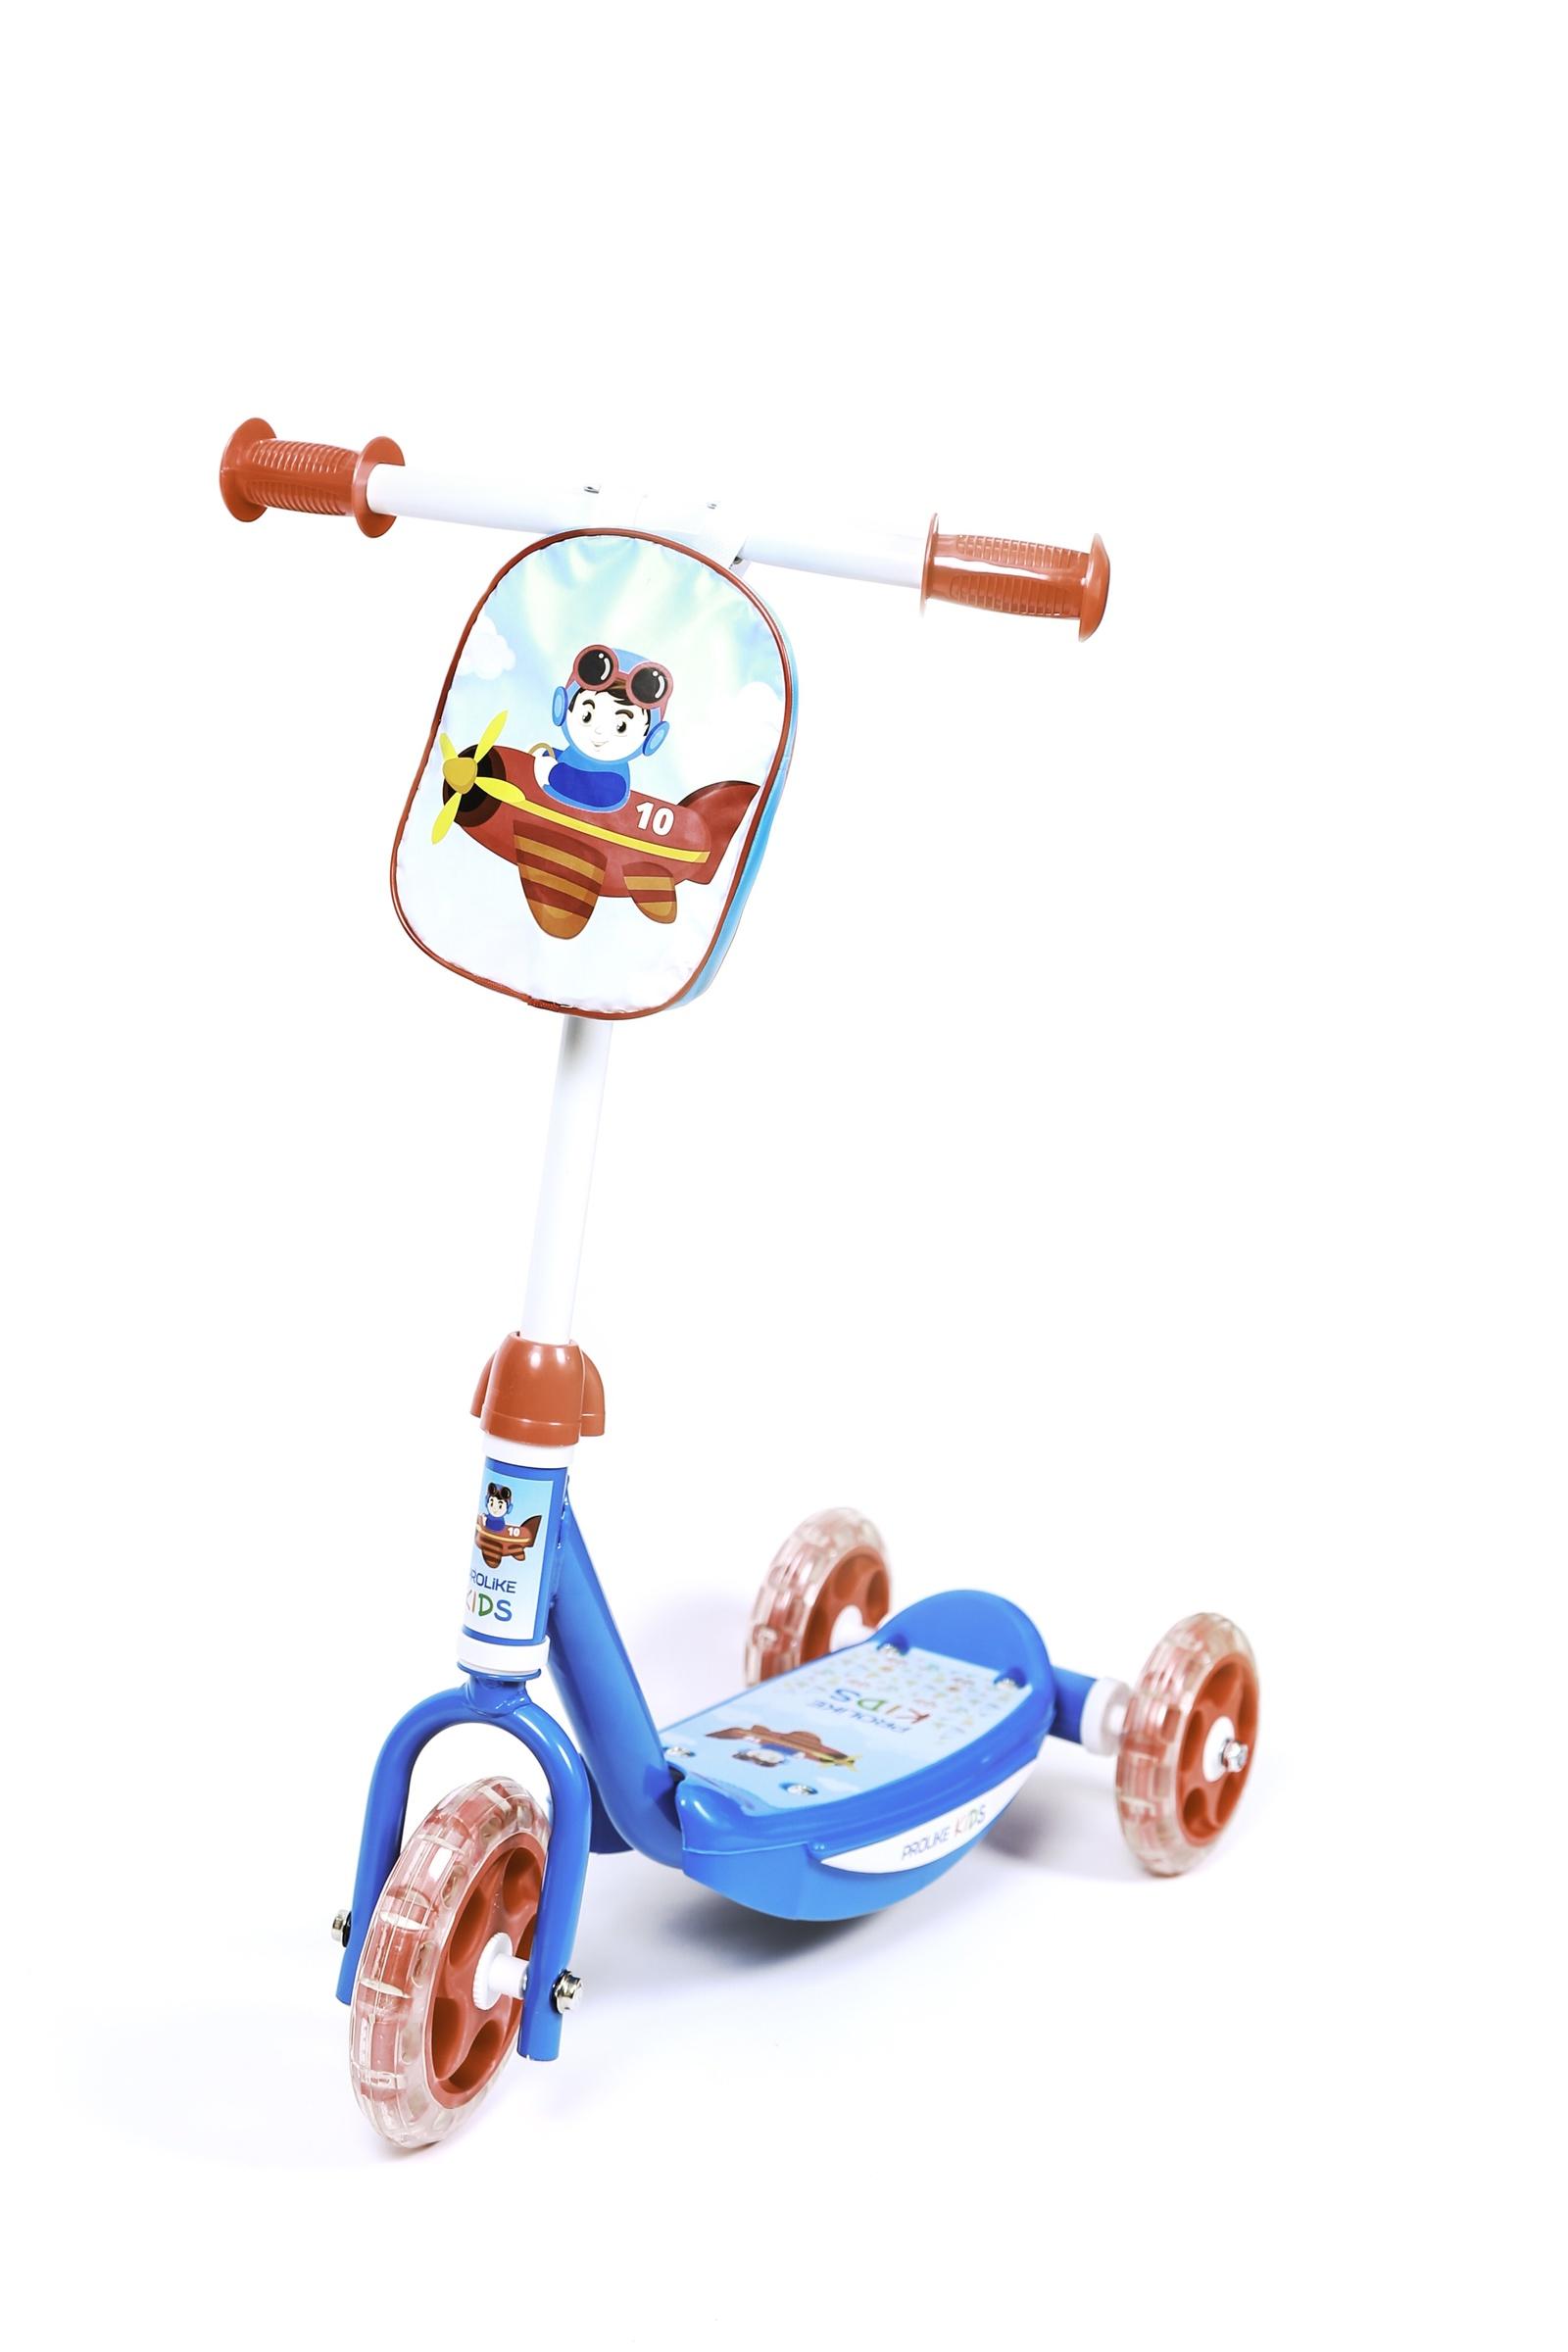 Самокат Prolike детский трехколесный Пилот, синий самокат для 2 лет